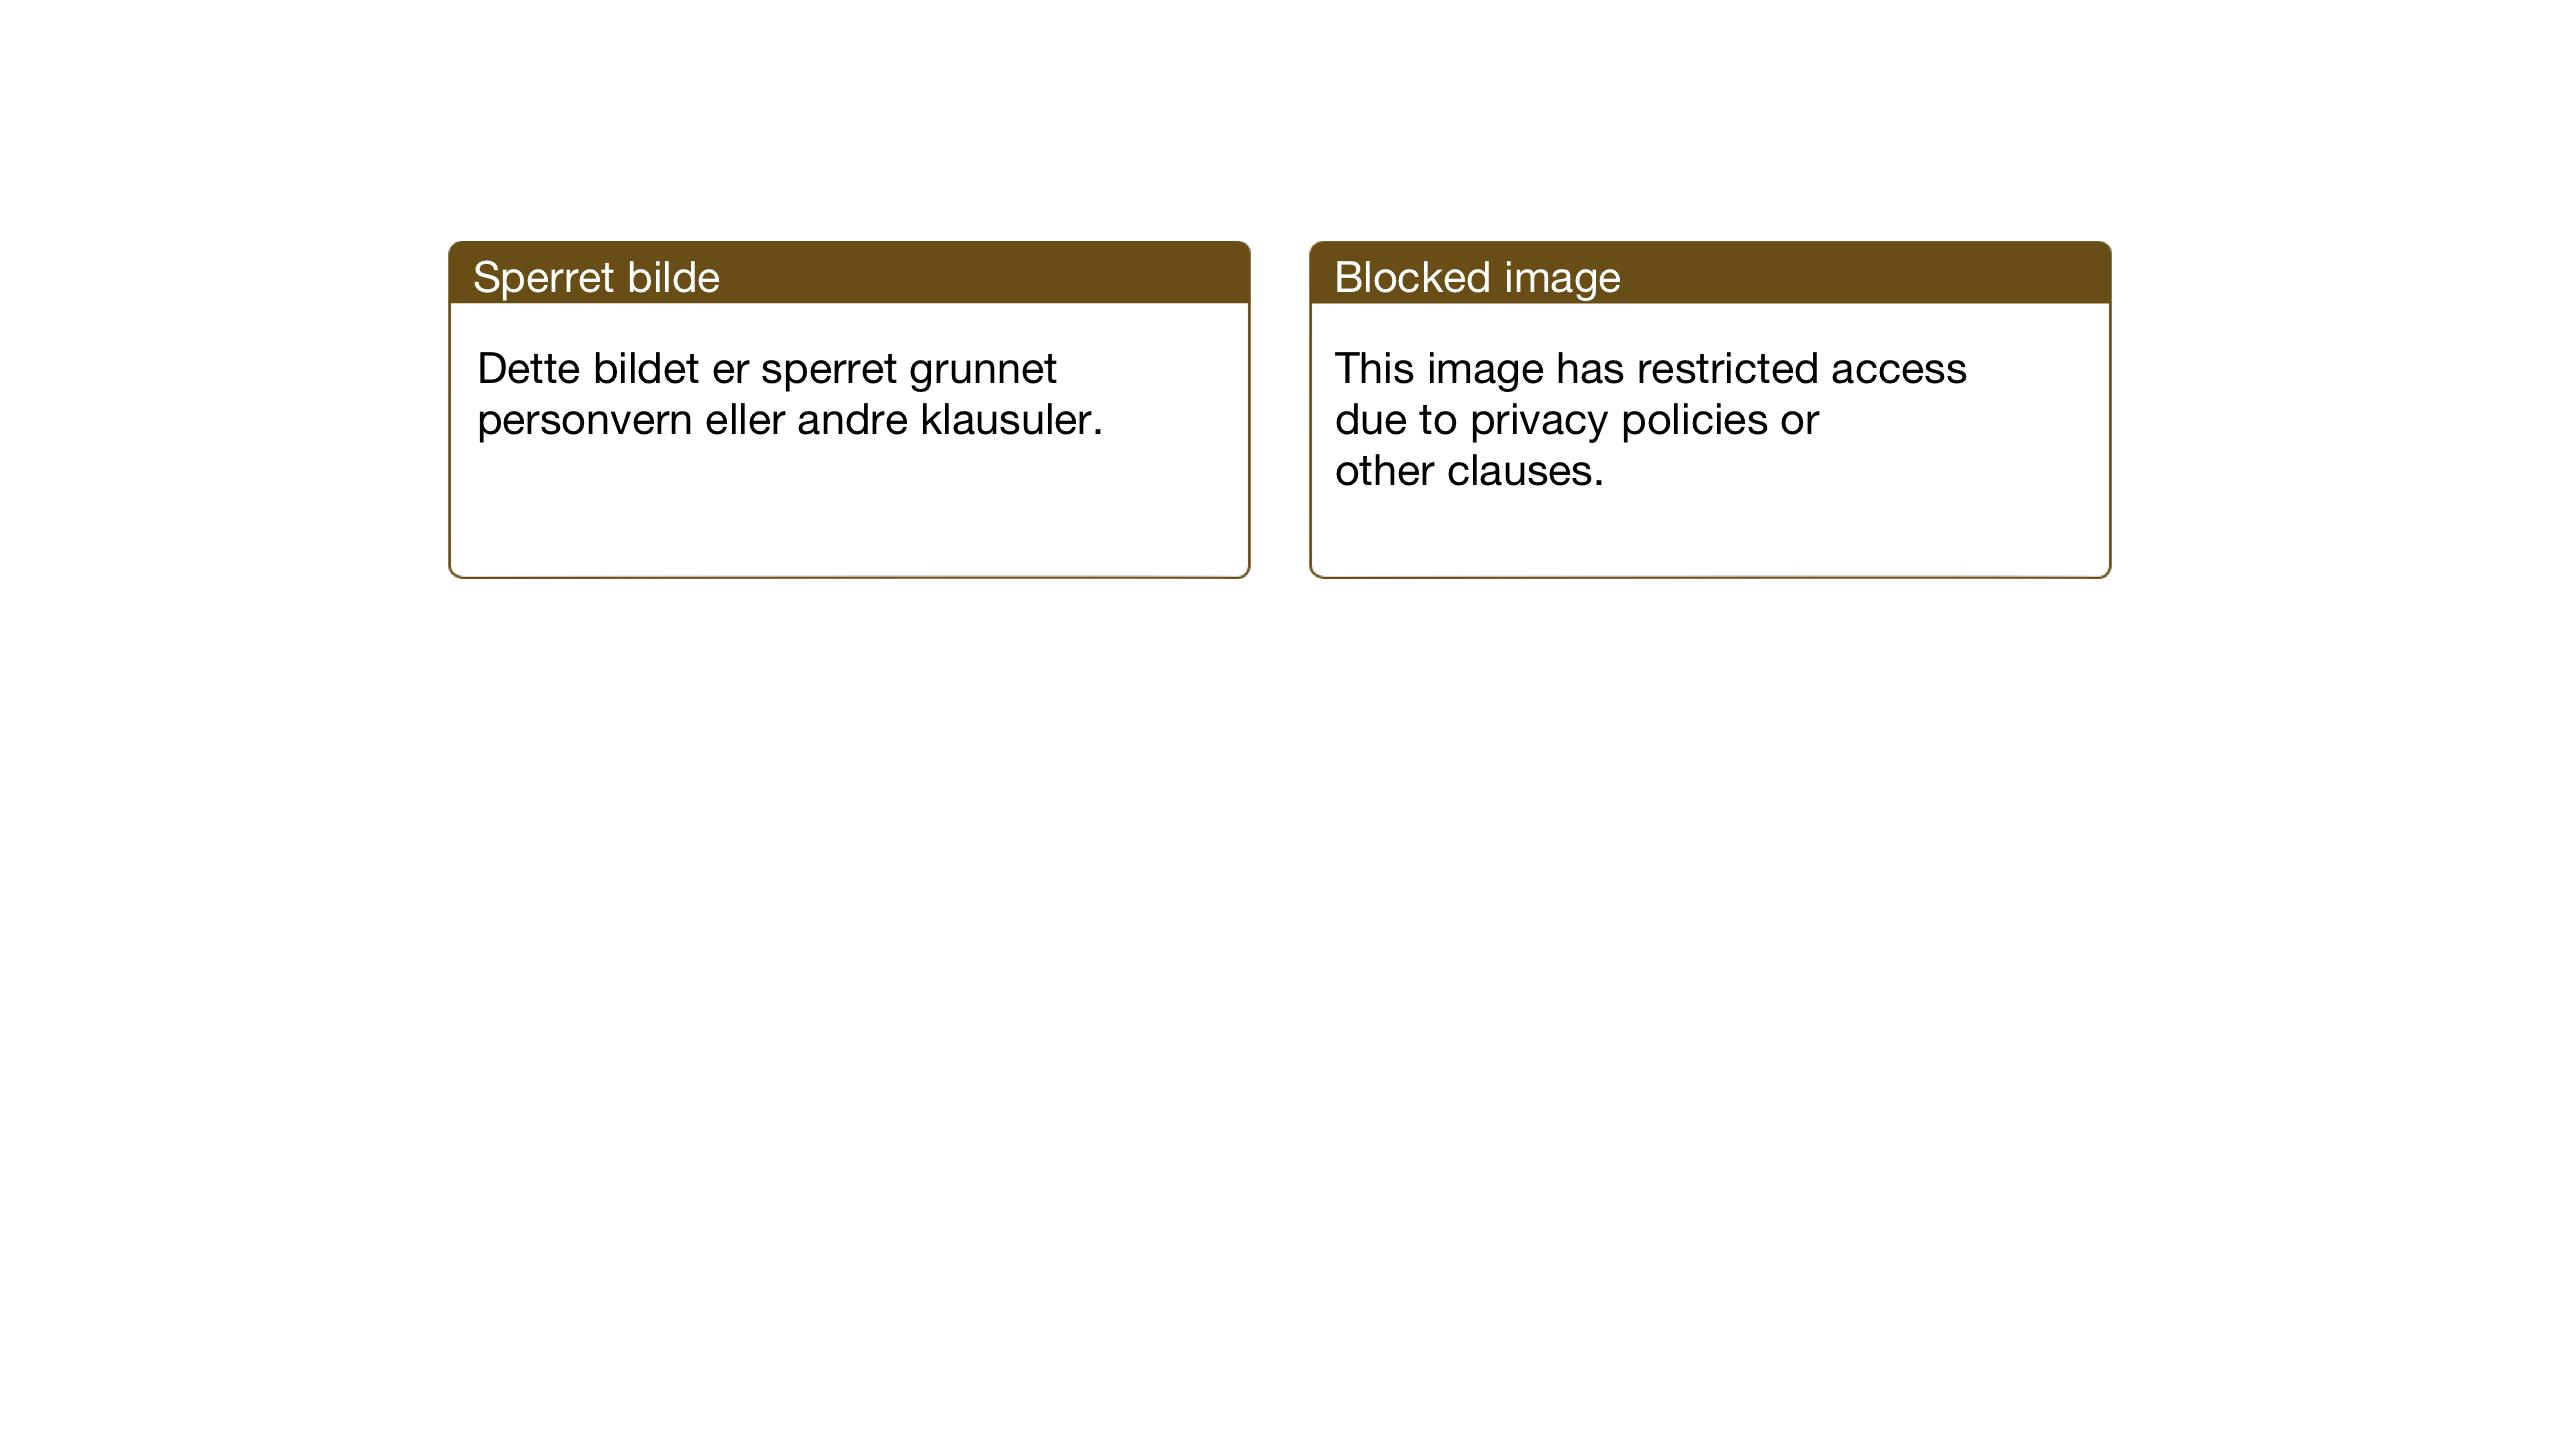 SAT, Ministerialprotokoller, klokkerbøker og fødselsregistre - Nord-Trøndelag, 768/L0583: Klokkerbok nr. 768C01, 1928-1953, s. 103